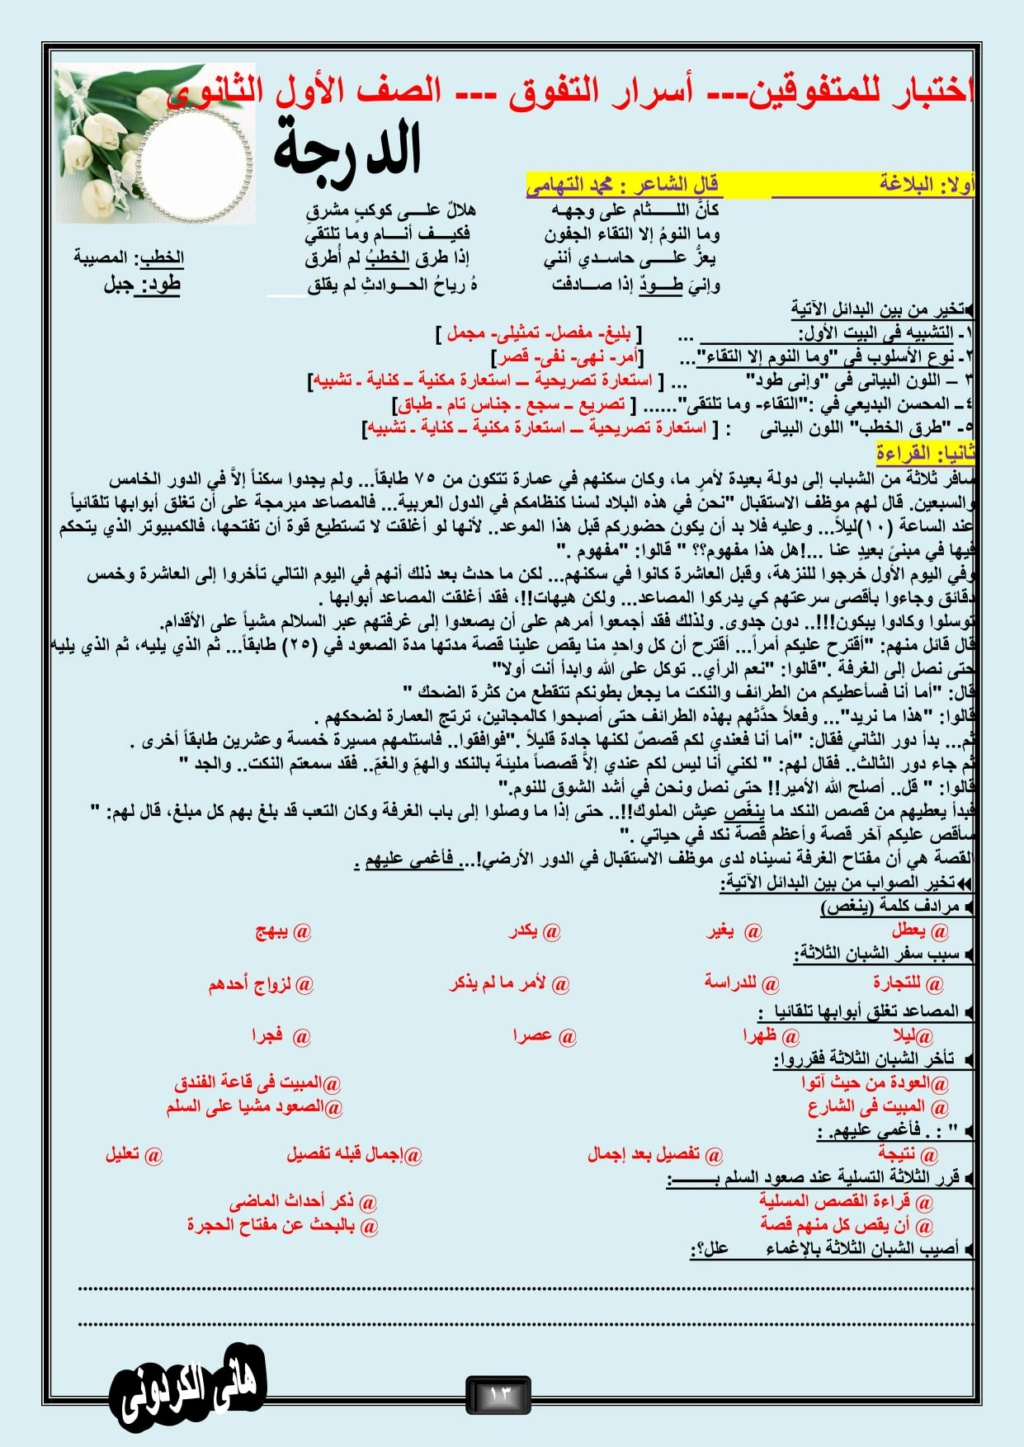 امتحان لغة عربية للمتفوقين طلاب الصف الأول الثانوى2021 12996